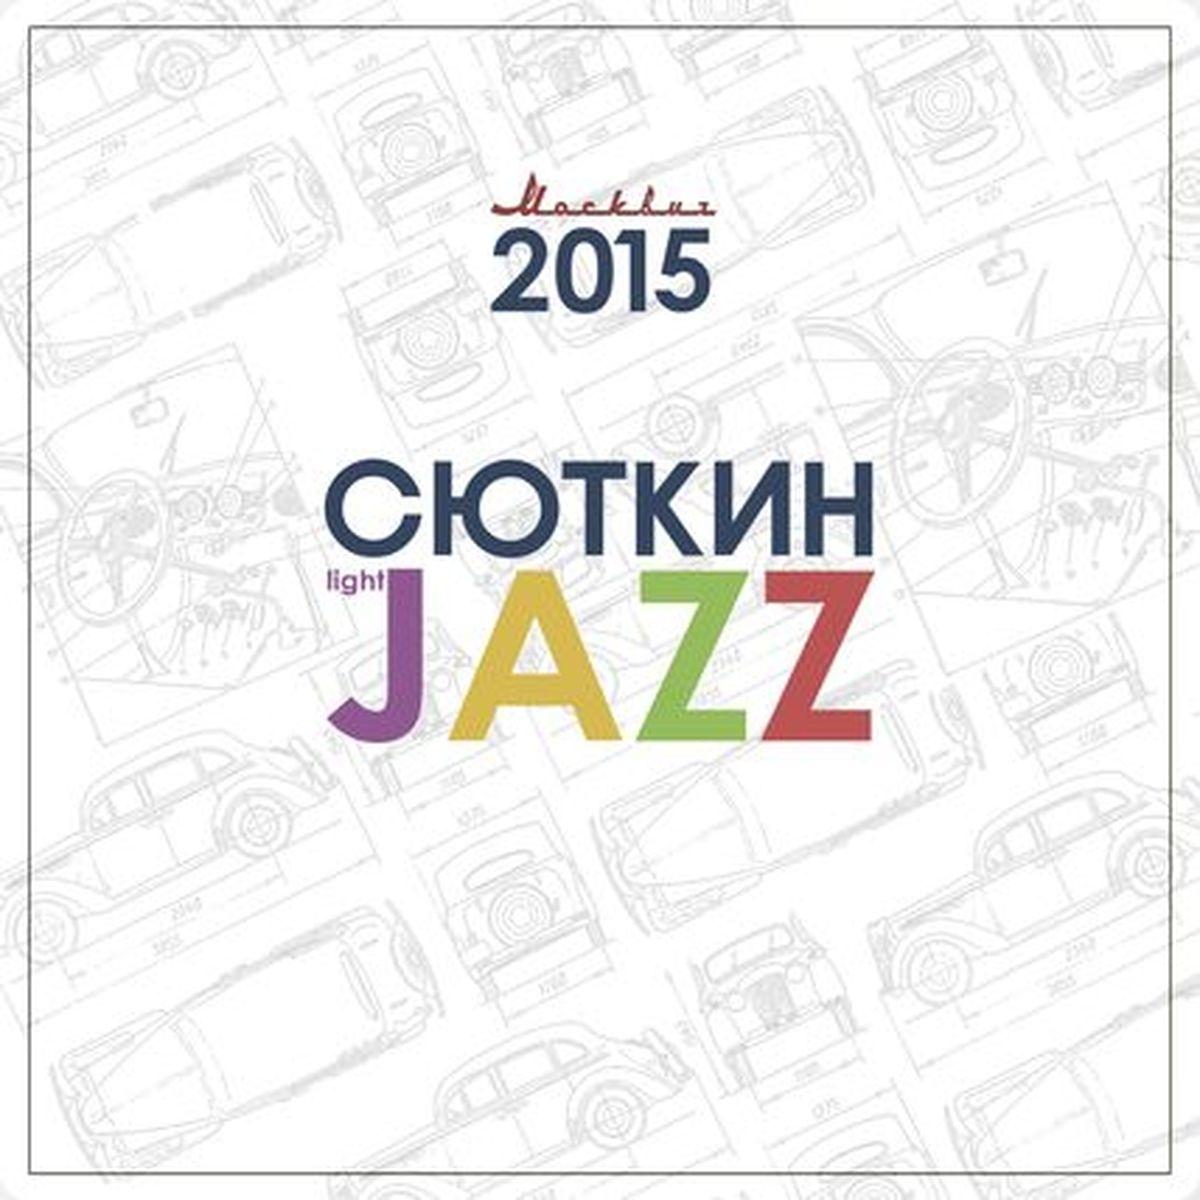 Валерий Сюткин Валерий Сюткин. Москвич-2015 (LP)